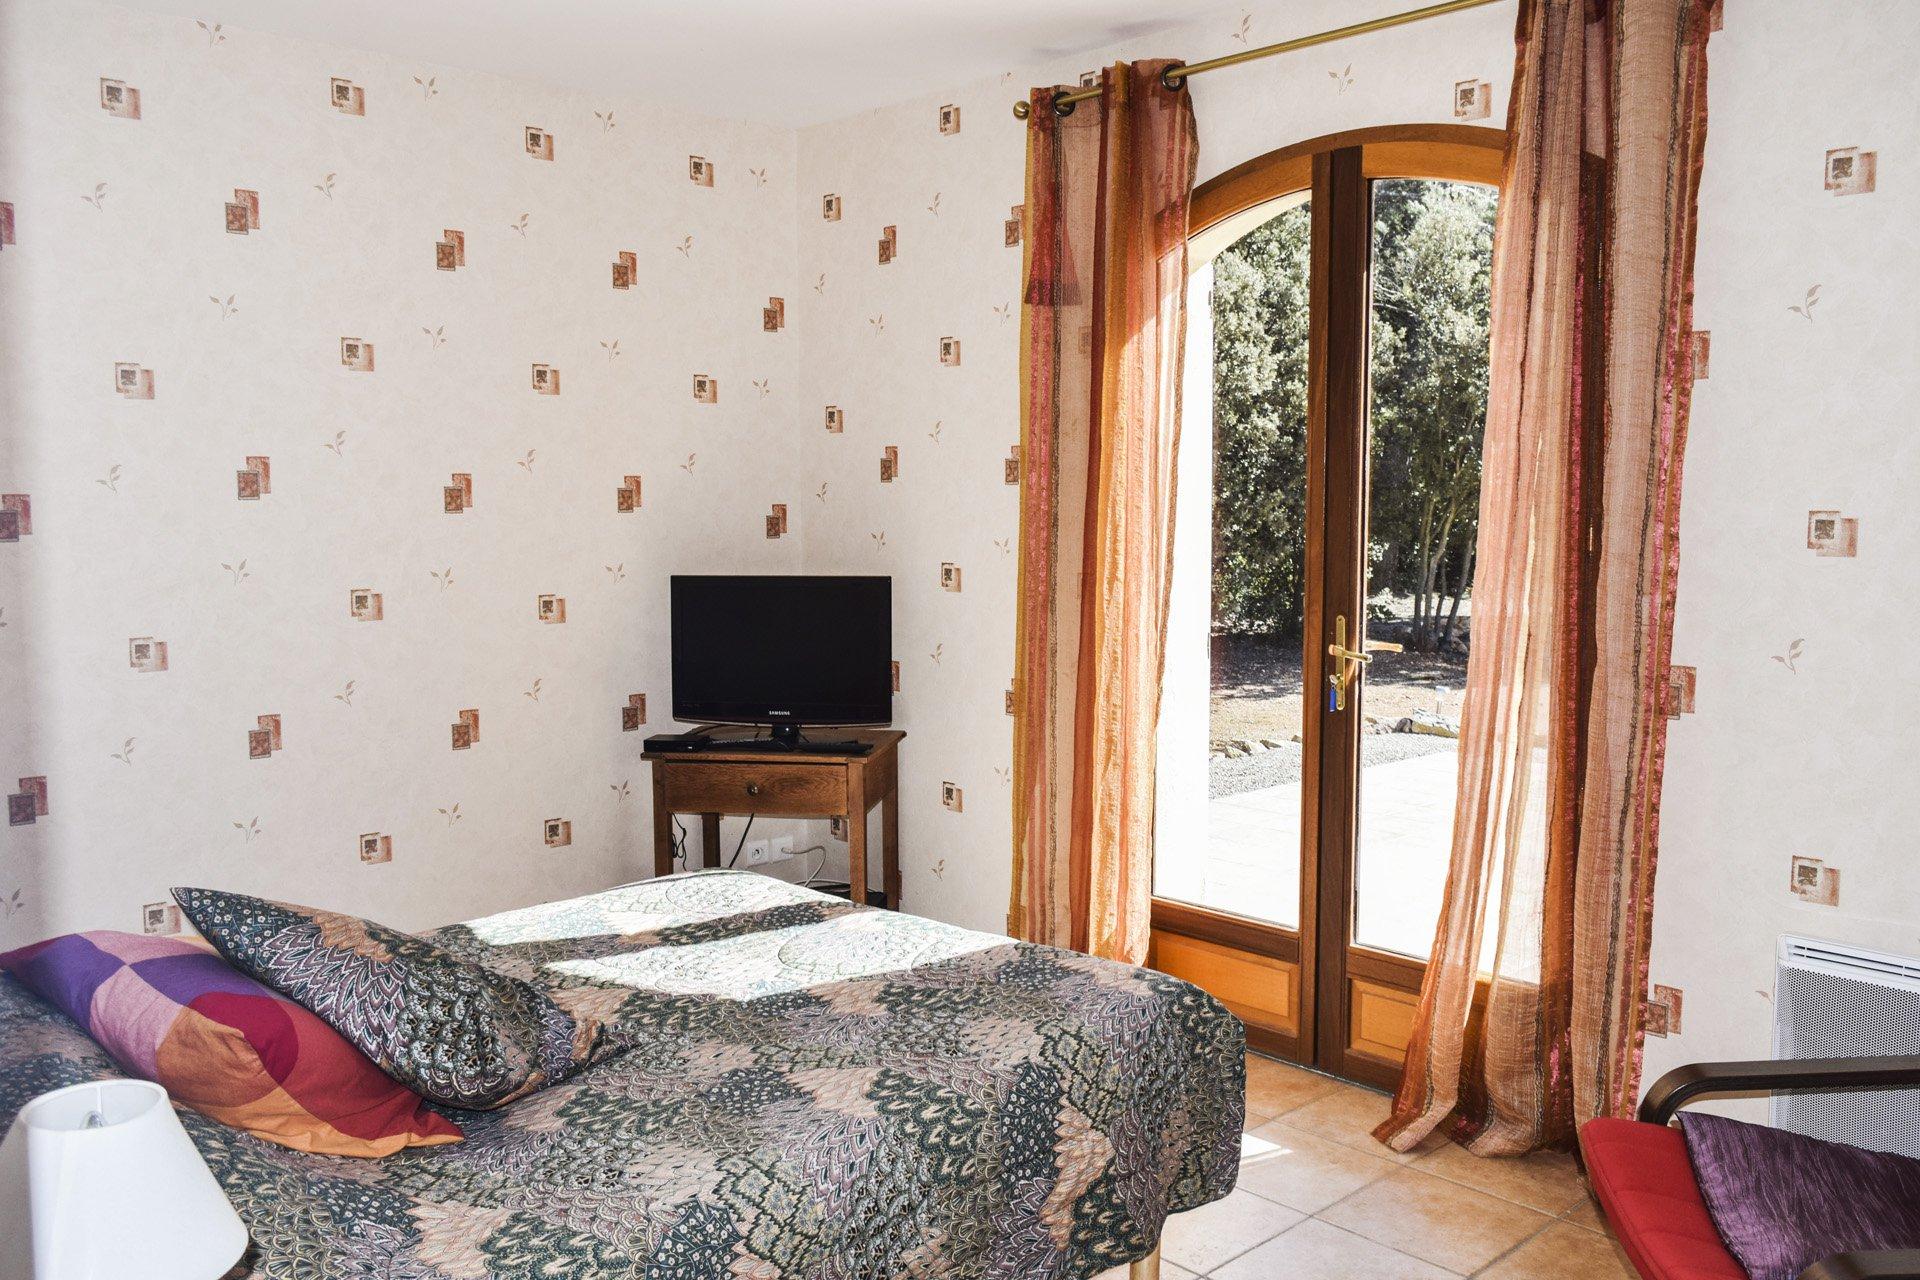 chambre 1 de la villa récente 5 chambres, piscine, appartement indépendant, moissac bellevue, var provence